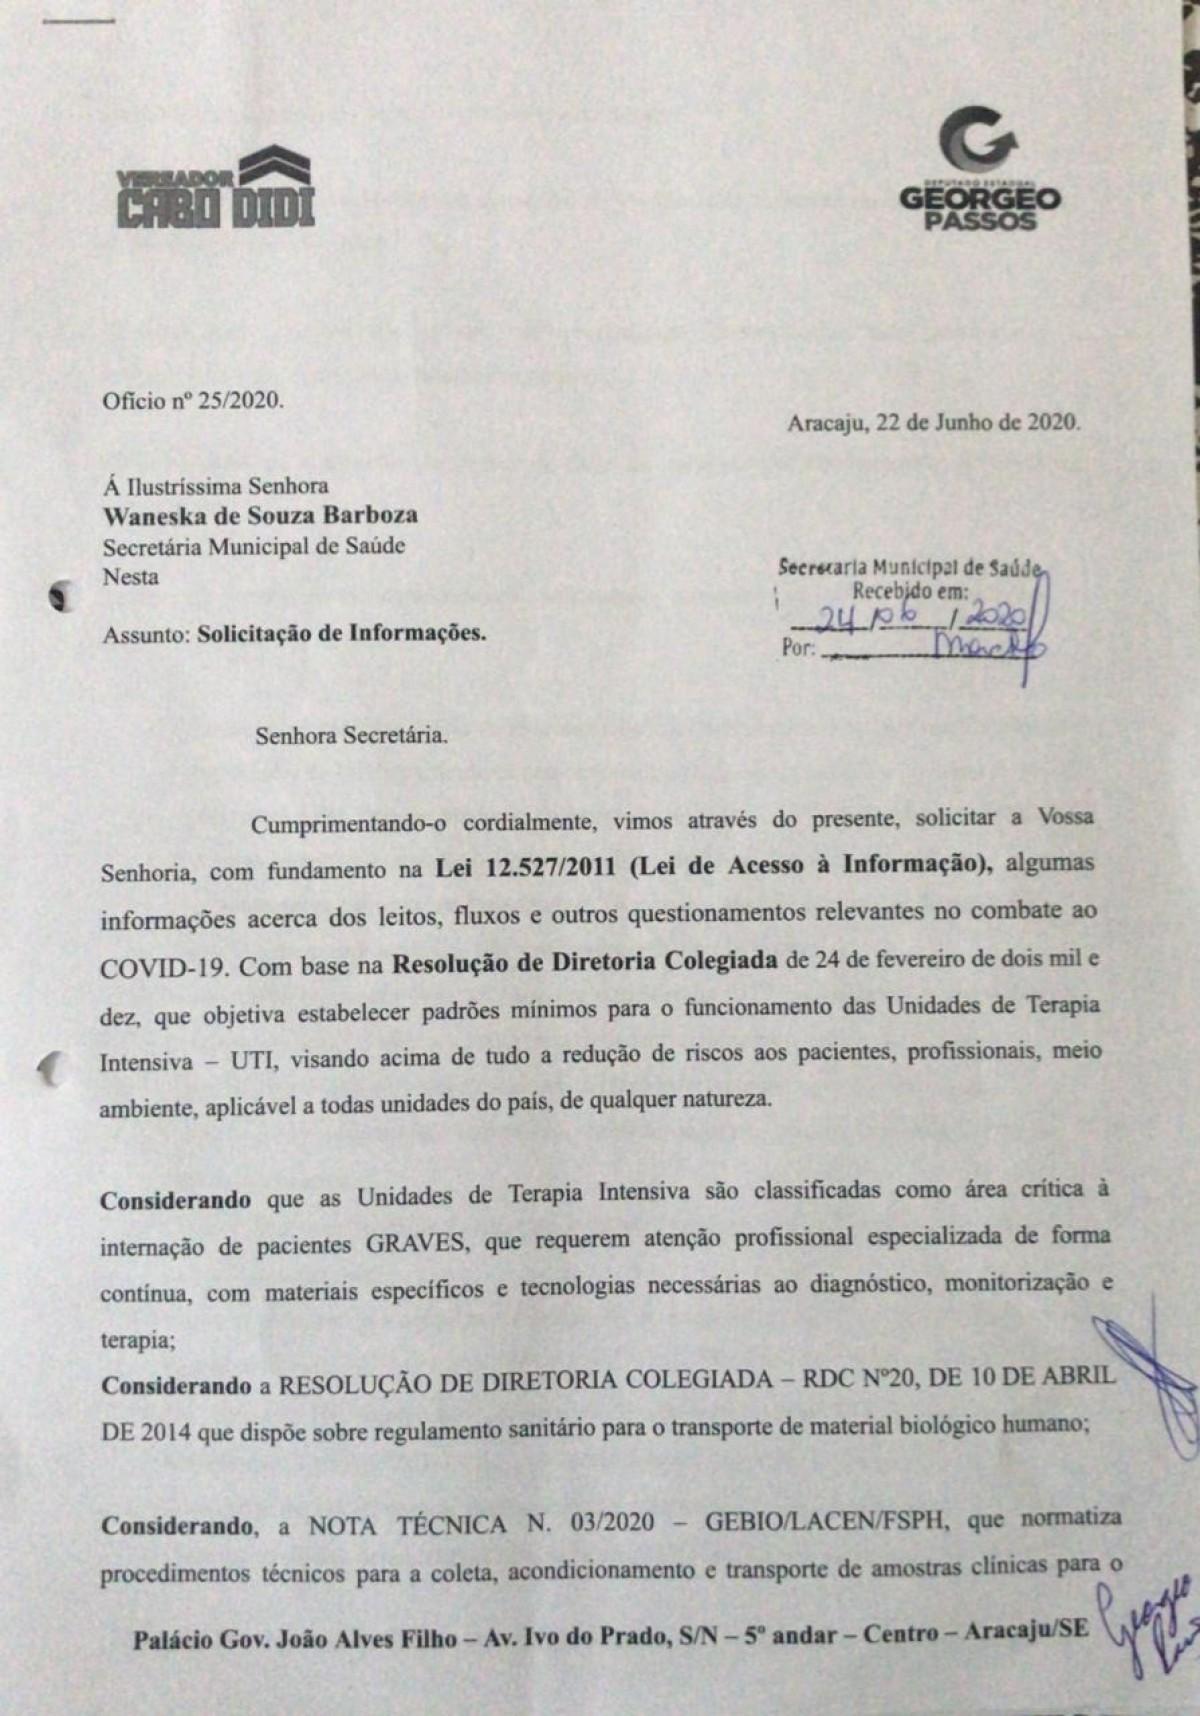 Georgeo Passos e Cabo Didi pedem informações a Secretaria Municipal de Saúde sobre funcionamento da rede durante a pandemia (Imagem: Site Georgeo Passos)